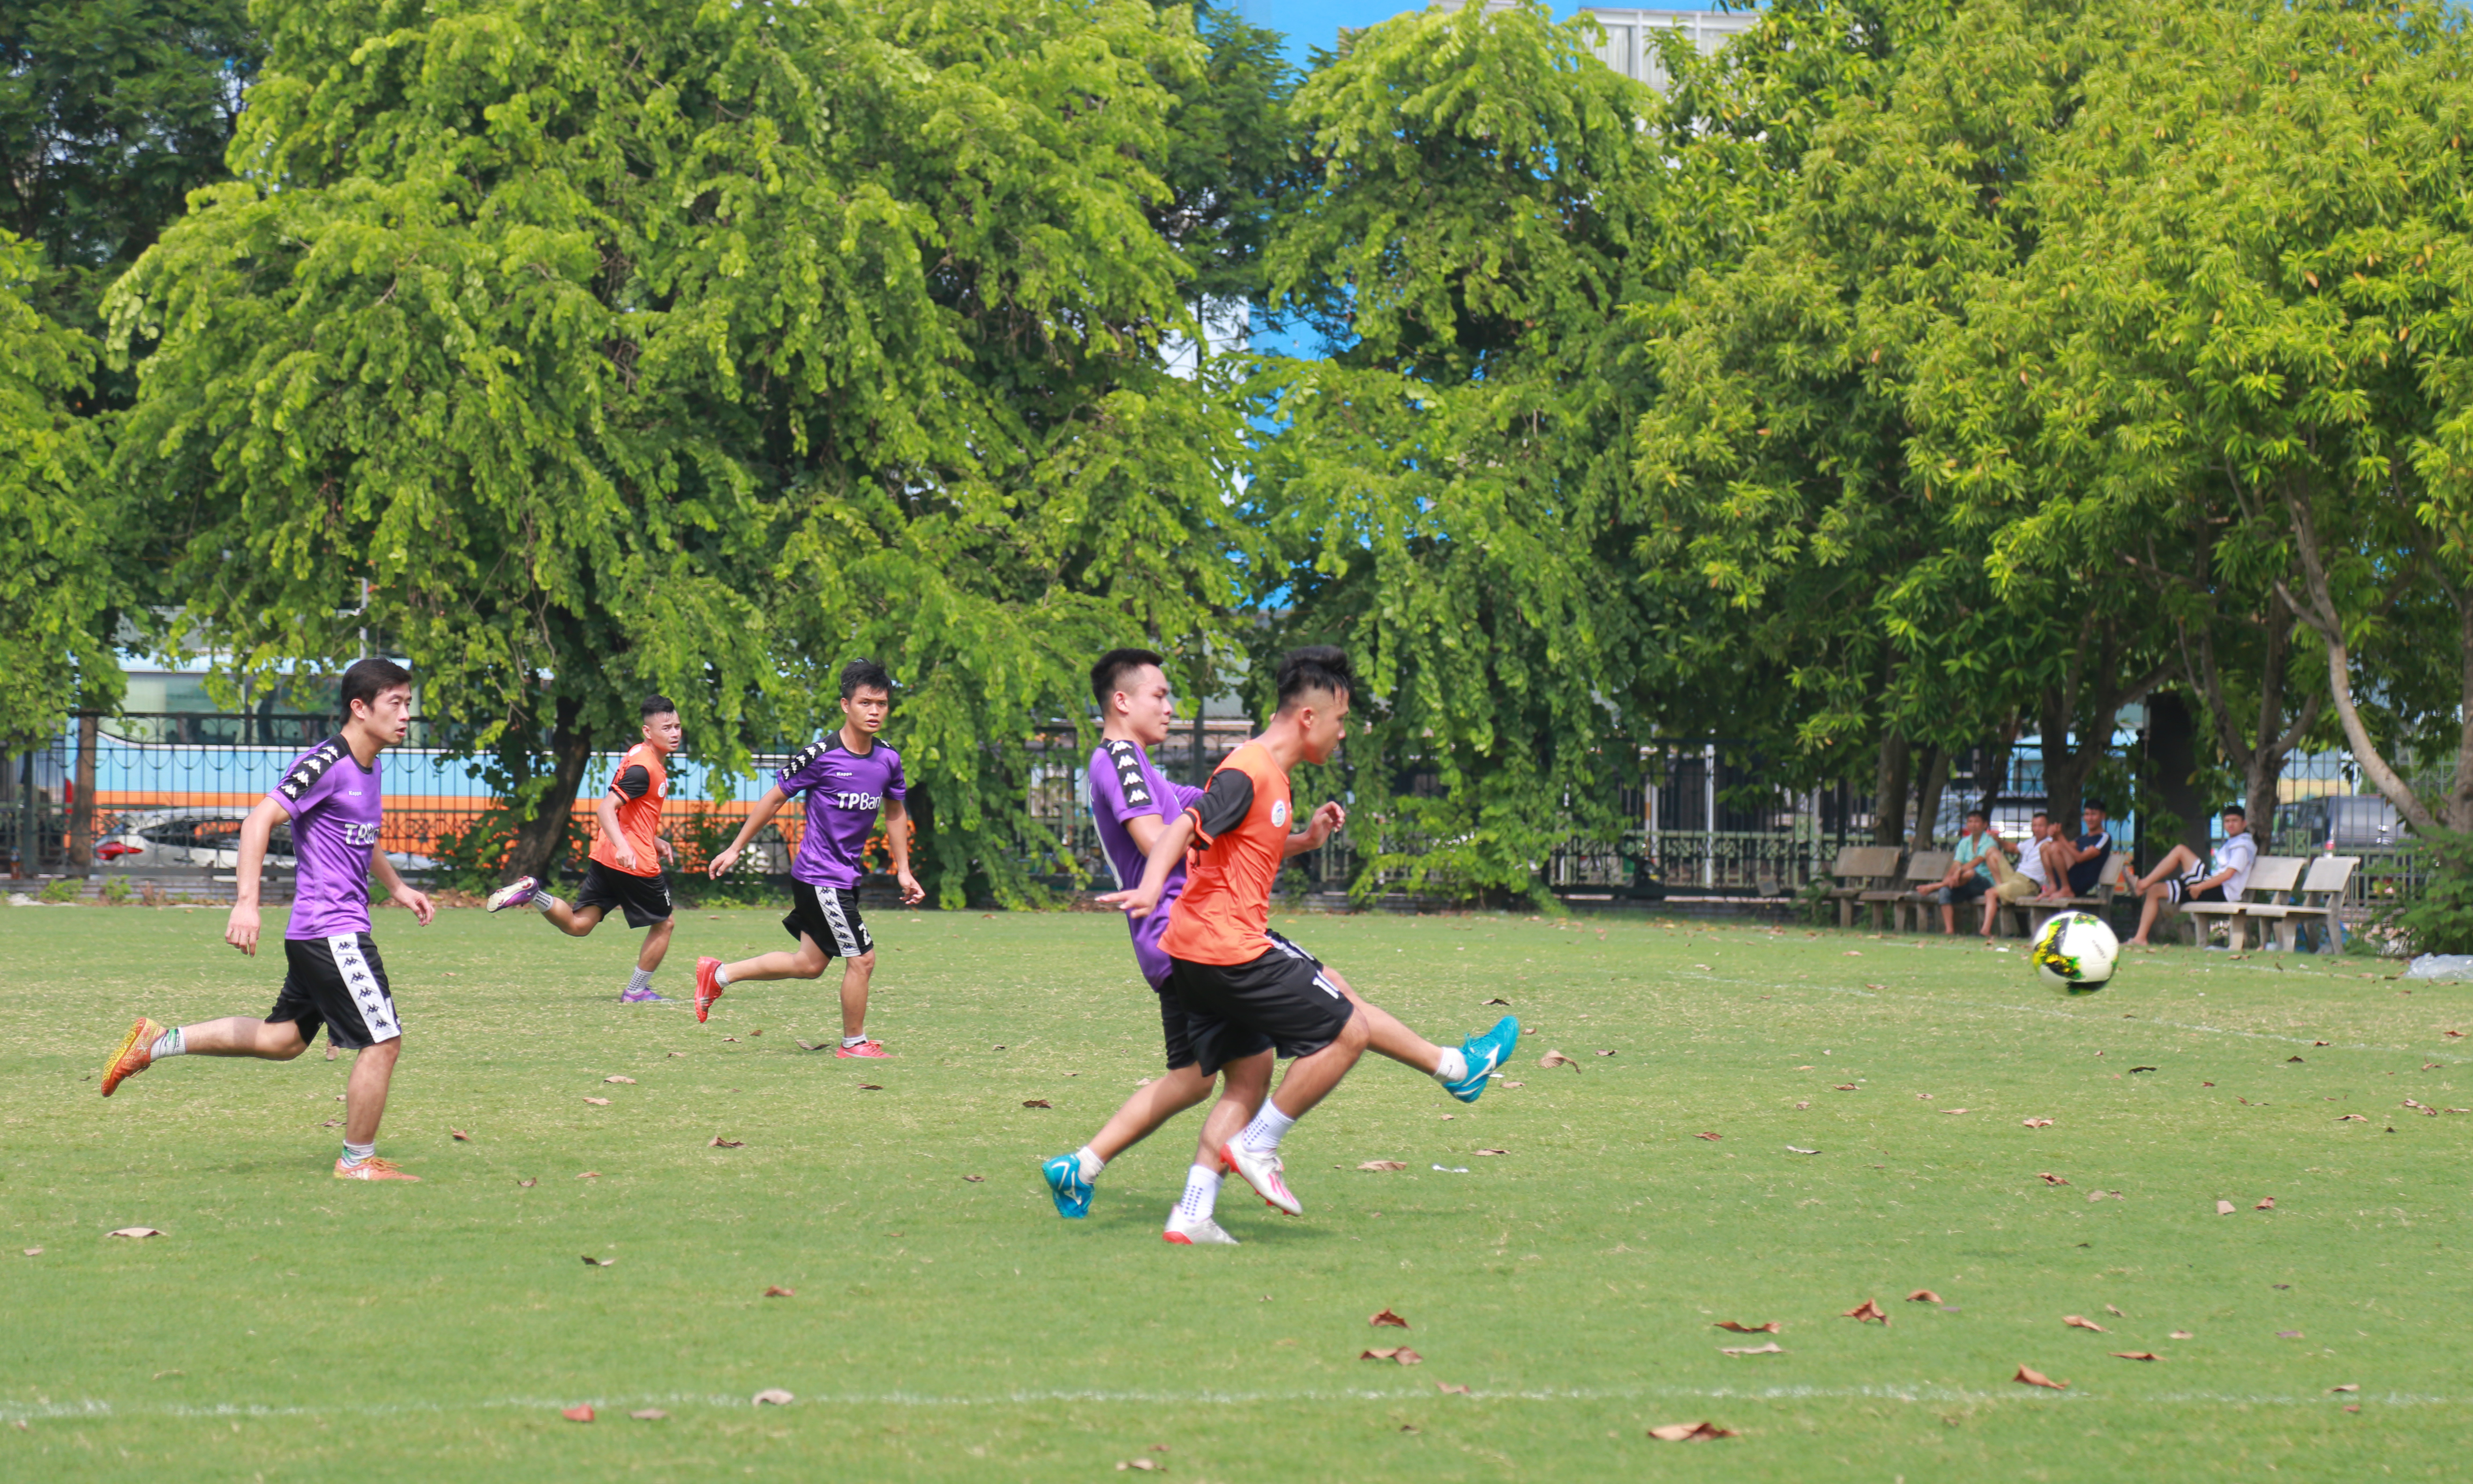 Các cầu thủ TP Bank cũng nhiều lần triển khai các đường tấn công sang sân đối phương nhưng sự phối hợp ở hàng tiền đạo chưa được ăn ý nên các pha dứt điểm không đưa được bóng vào khung thành FPT Telecom.